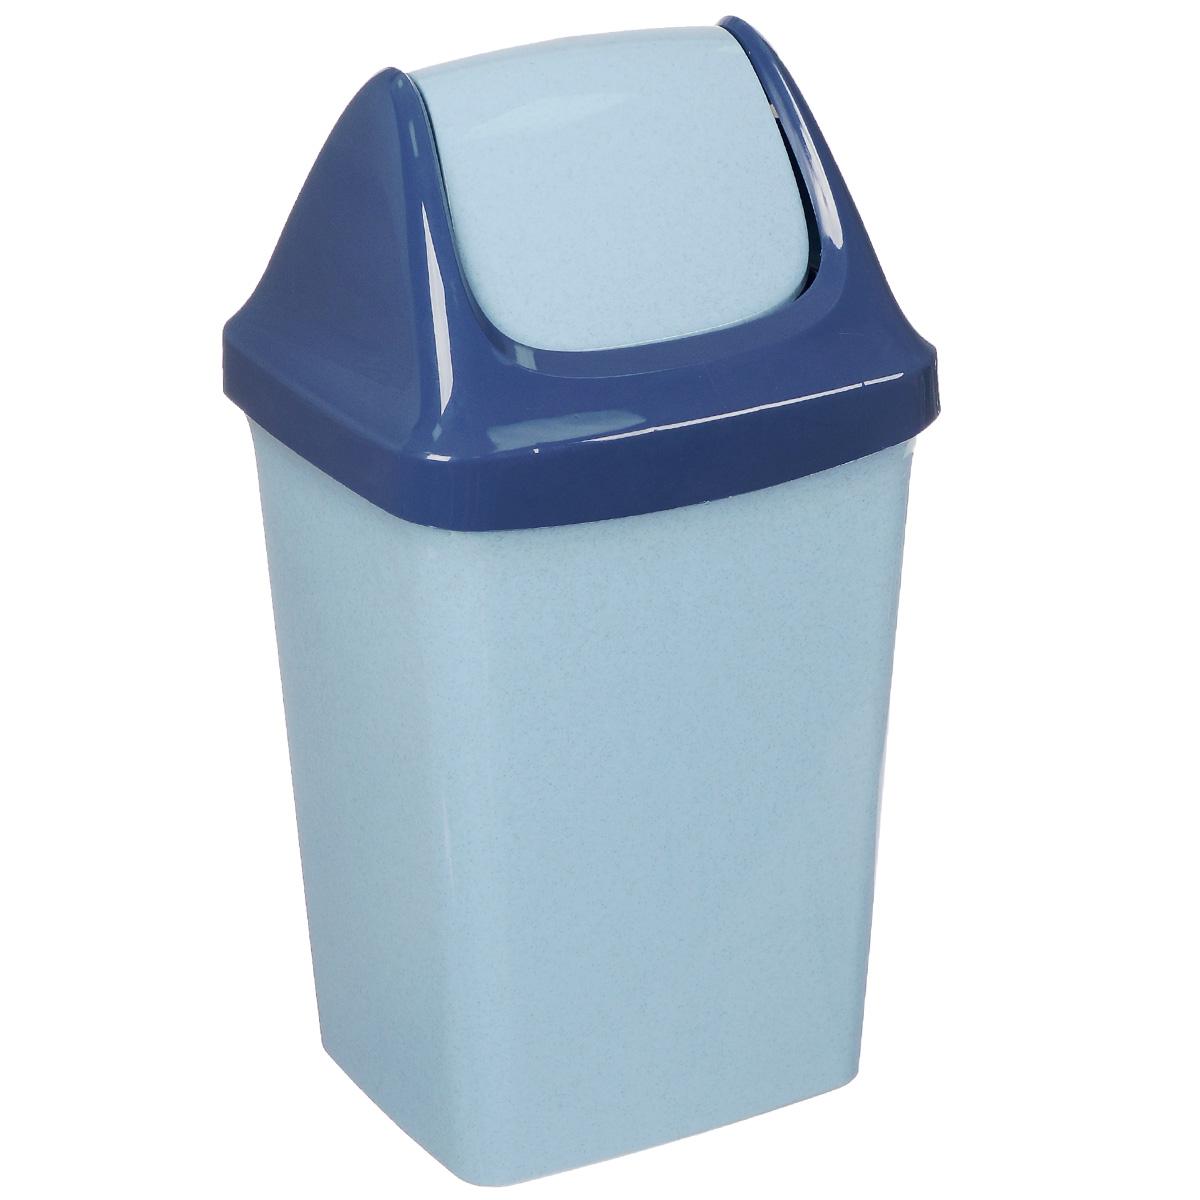 Контейнер для мусора Idea Свинг, цвет: голубой мрамор, 15 лUP210DFКонтейнер для мусора Idea Свинг изготовлен из прочного полипропилена (пластика). Контейнер снабжен удобной съемной крышкой с подвижной перегородкой. Благодаря лаконичному дизайну такой контейнер идеально впишется в интерьер и дома, и офиса.